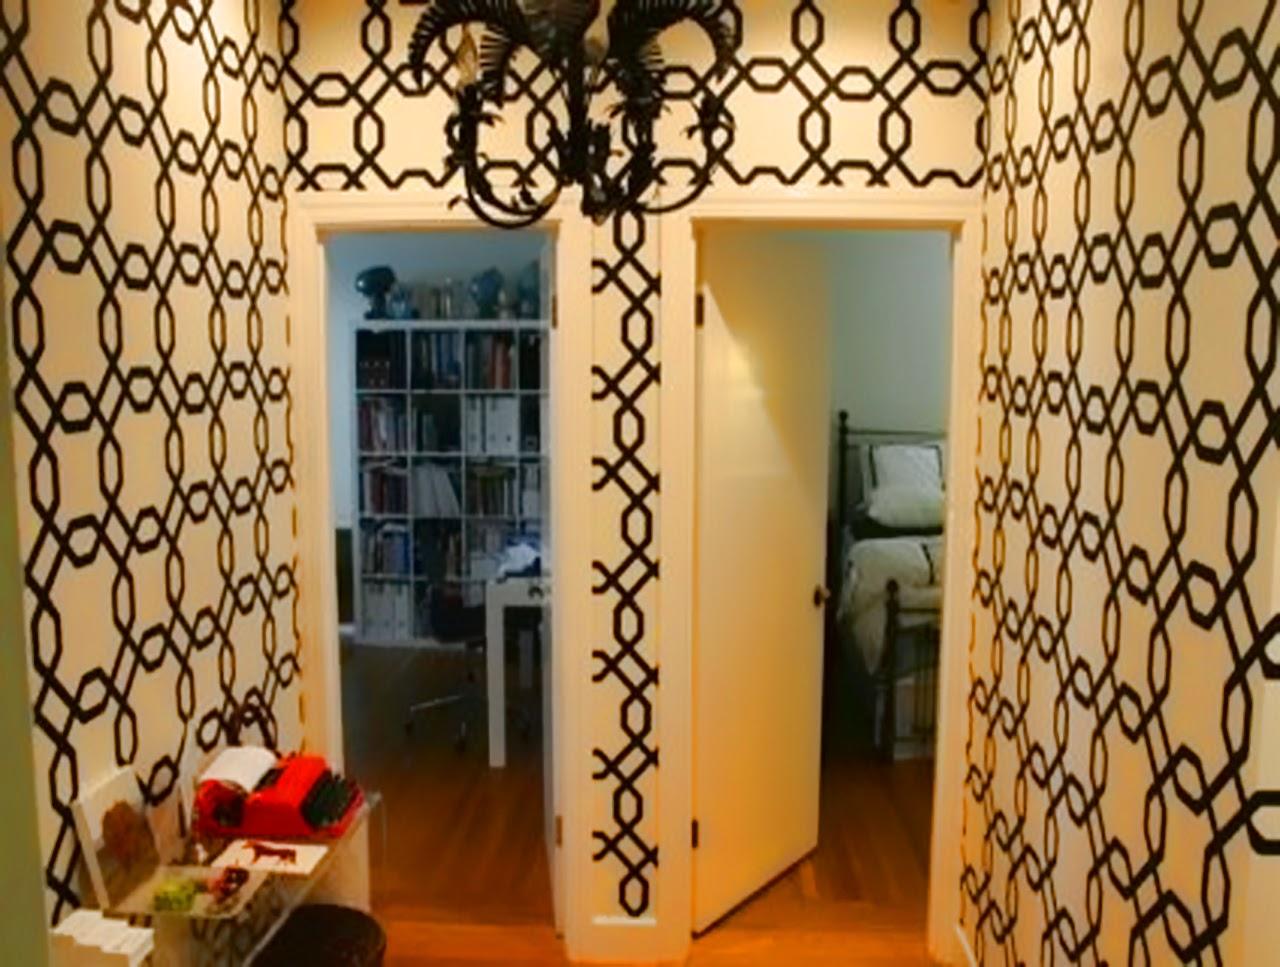 Sherwin Williams Wallpaper sherwin williams wallpaper ~ wallpaperyork   brows your wallpaper